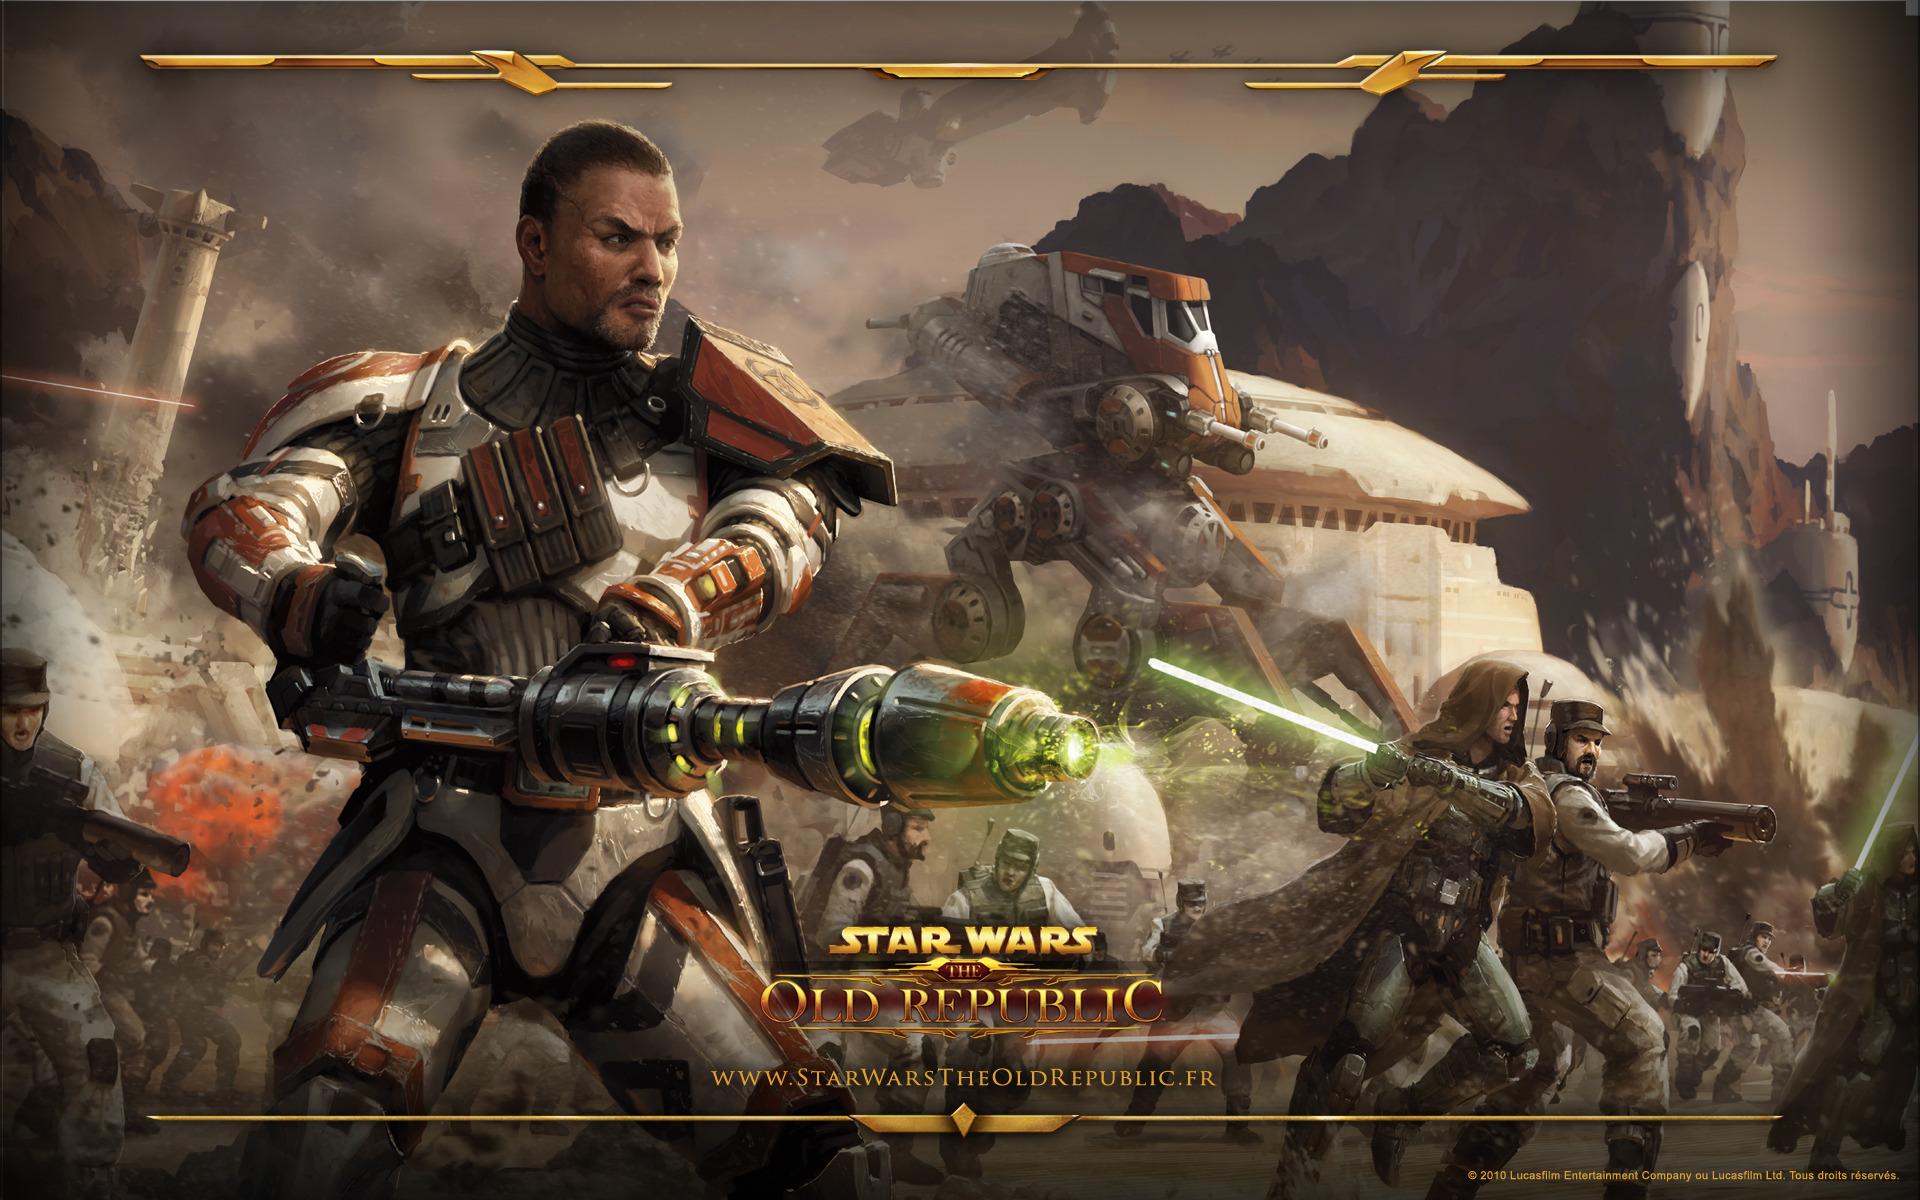 Etoile Star Wars The Old Republic Etoile Etoile Star Wars Fond D Ecran 26970328 Fanpop